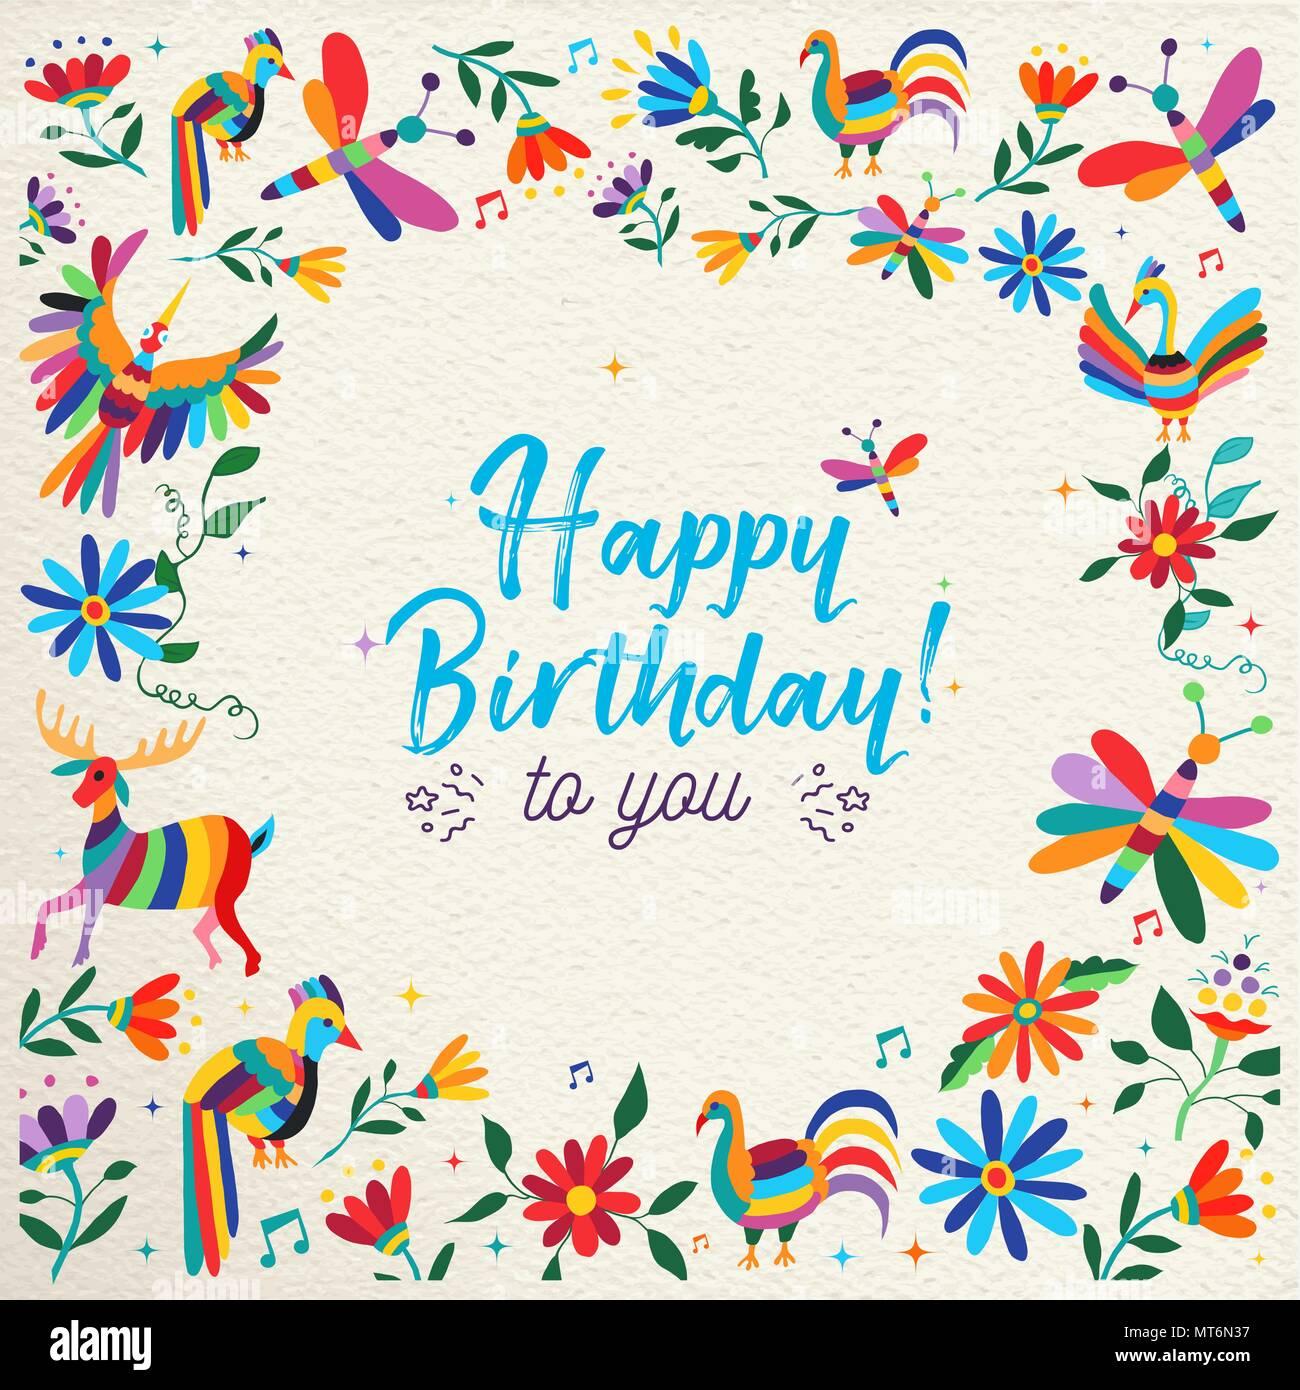 Feliz cumpleaños con un colorido diseño estilo otomí primavera de flores y animales en la textura del papel de fondo. Ideal para la invitación a una fiesta o tarjeta de felicitación. E Ilustración del Vector